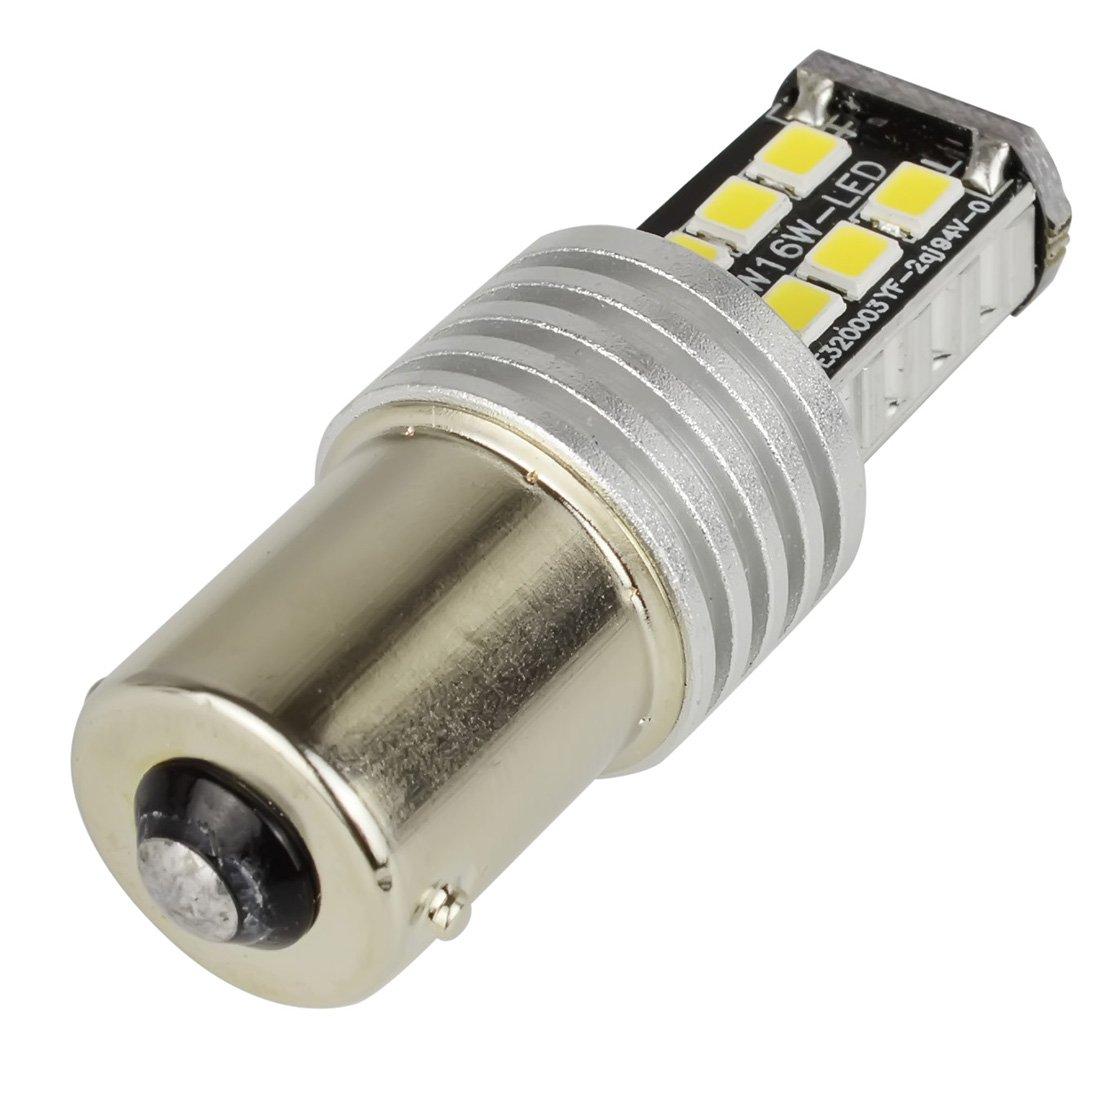 Safego 2x P21W 1156 BA15S LED 2835 15SMD Ampoules Feux de Arri/ère Recul Clignotant Blanche Pur DC 12V 6000K